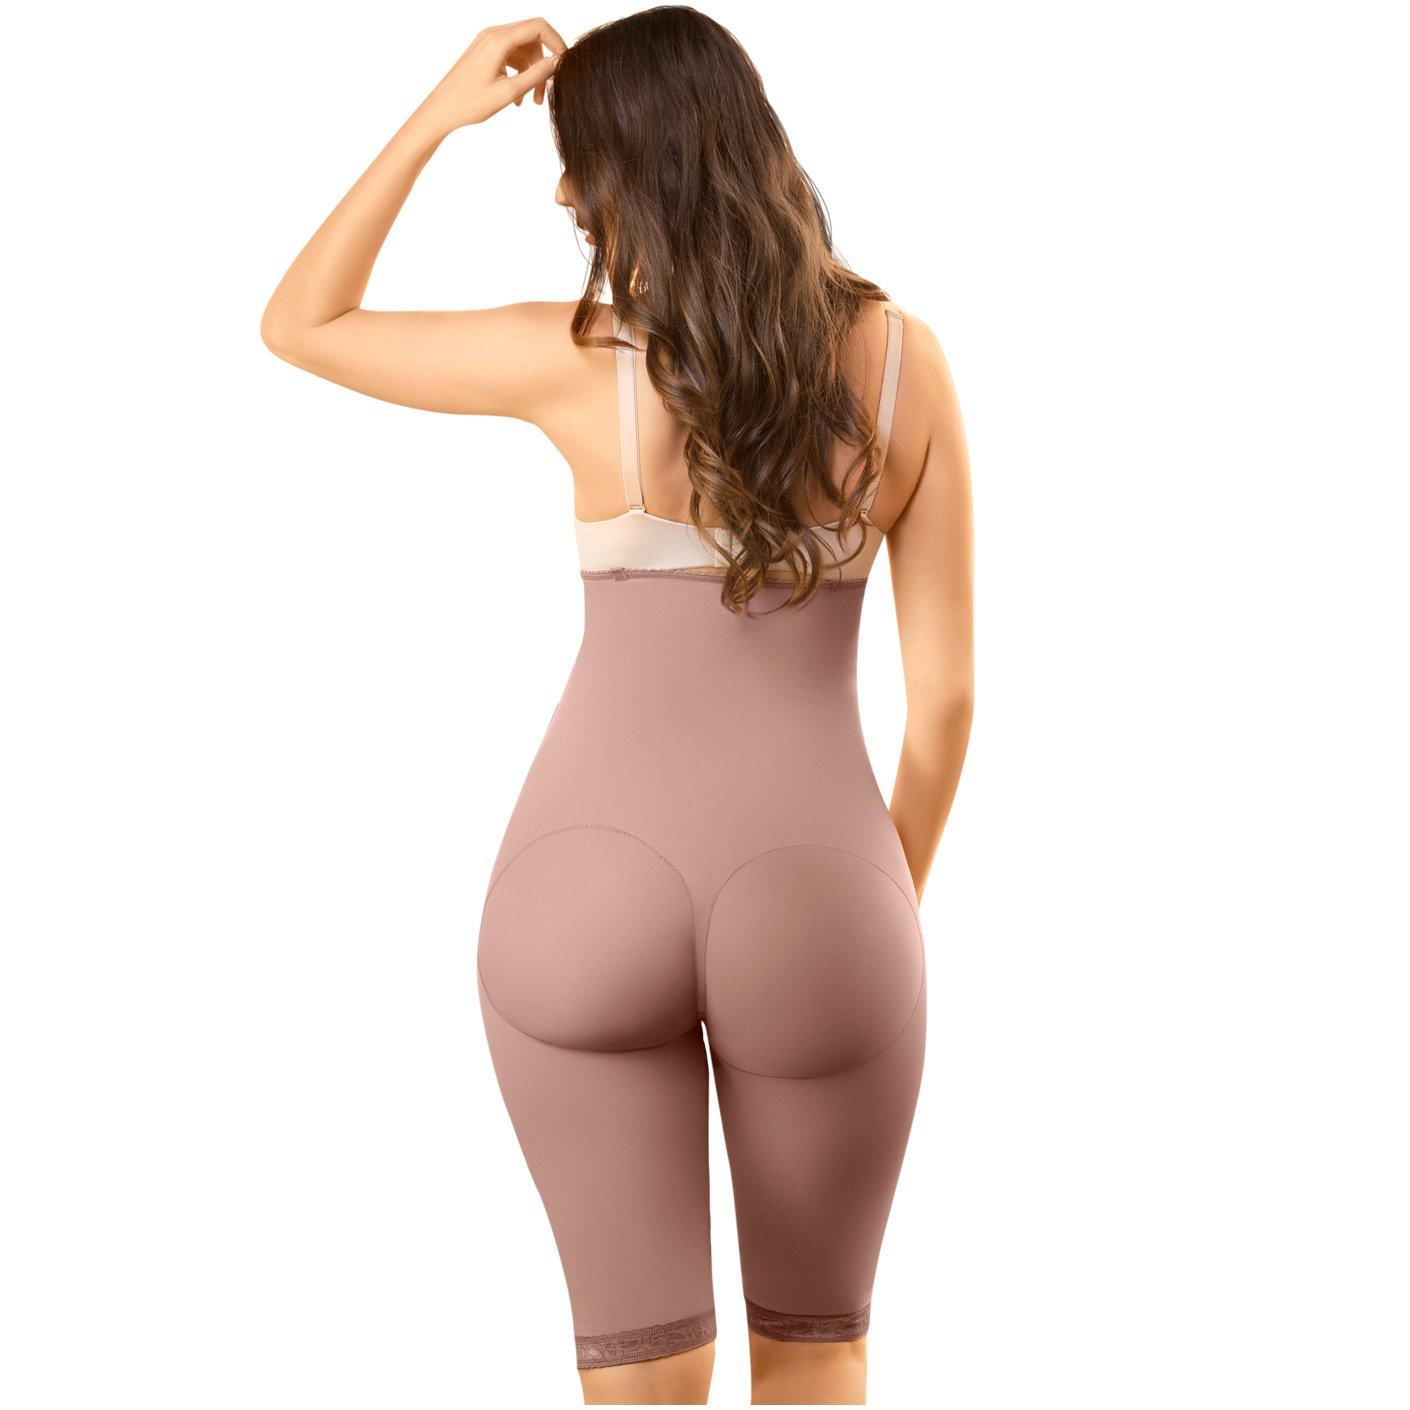 DPrada 041 Faja sin Tirantes para Mujer sin Espalda Body Shaper Fajas para Adelgazar: Amazon.es: Ropa y accesorios